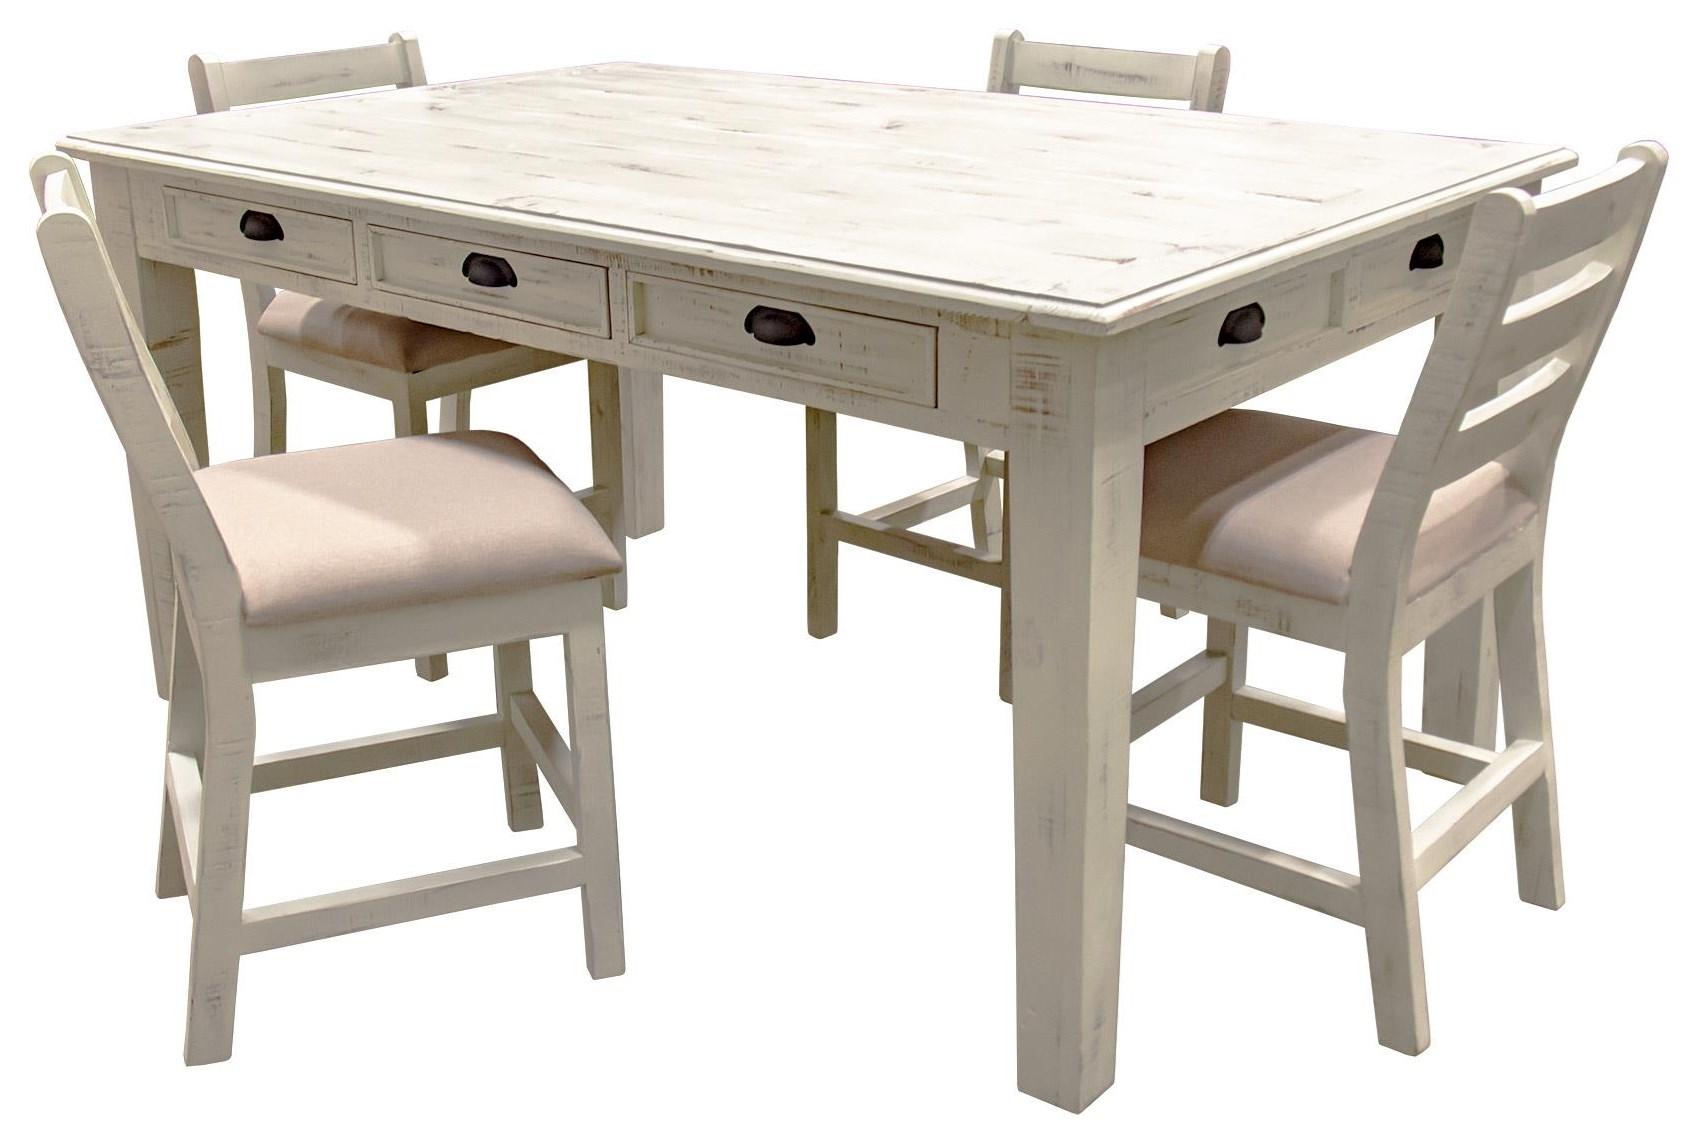 Table & 4 Barstools